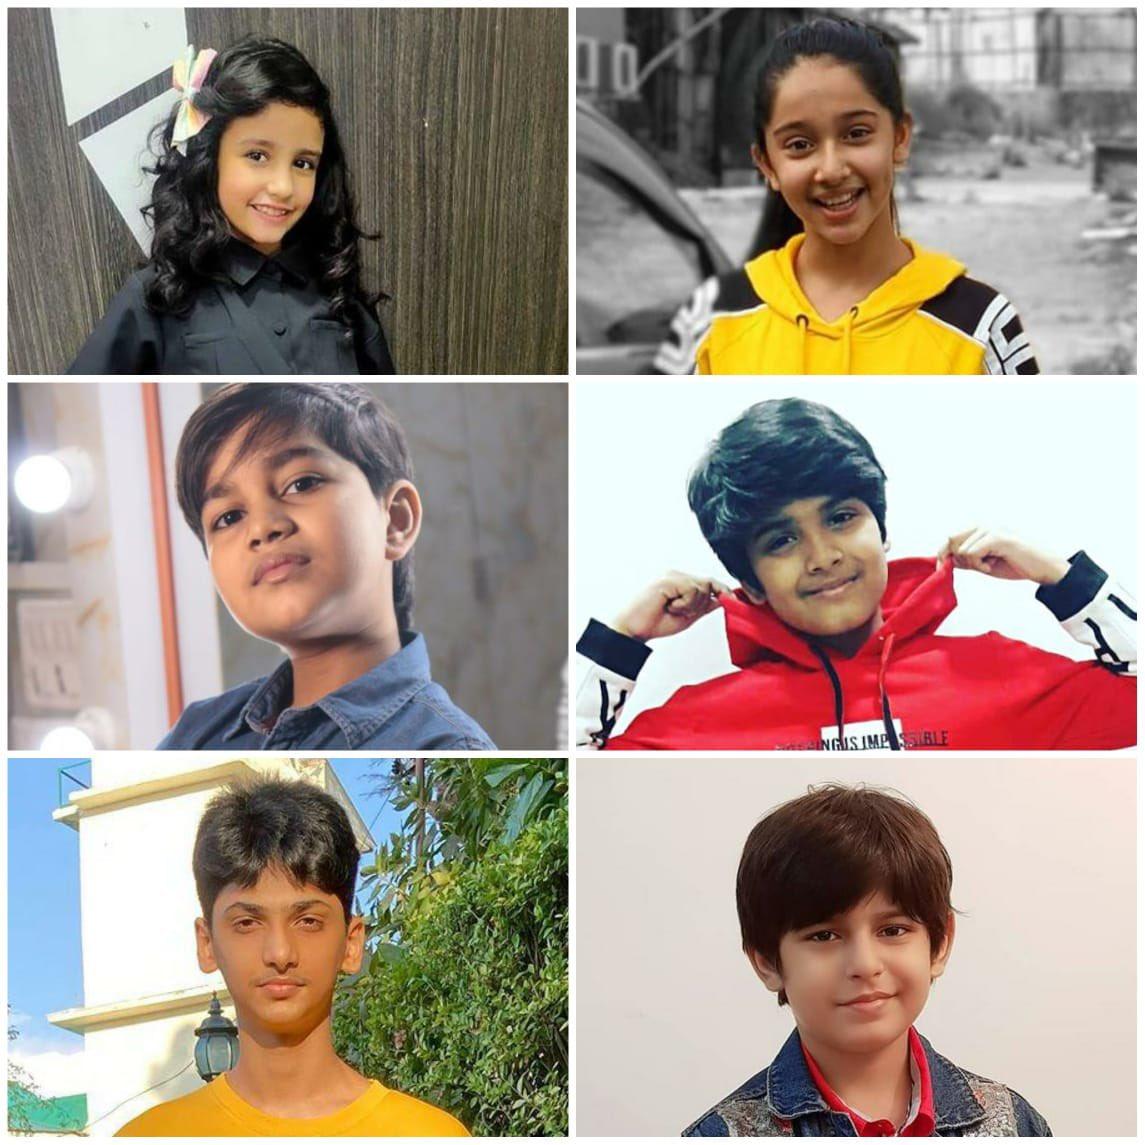 Coming to stardom: Child wonders on screen in #2020 #AakshathDas in #SeriousMen , #InayatVerma in #Ludo , #VarinRoopani in #BreatheIntotheShadows , #VedantDesai & #DeshnaDugad in #KhaaliPeeli & #PratyakshPanwar in #Aarya Story by: @Shreya_MJ Read 👉